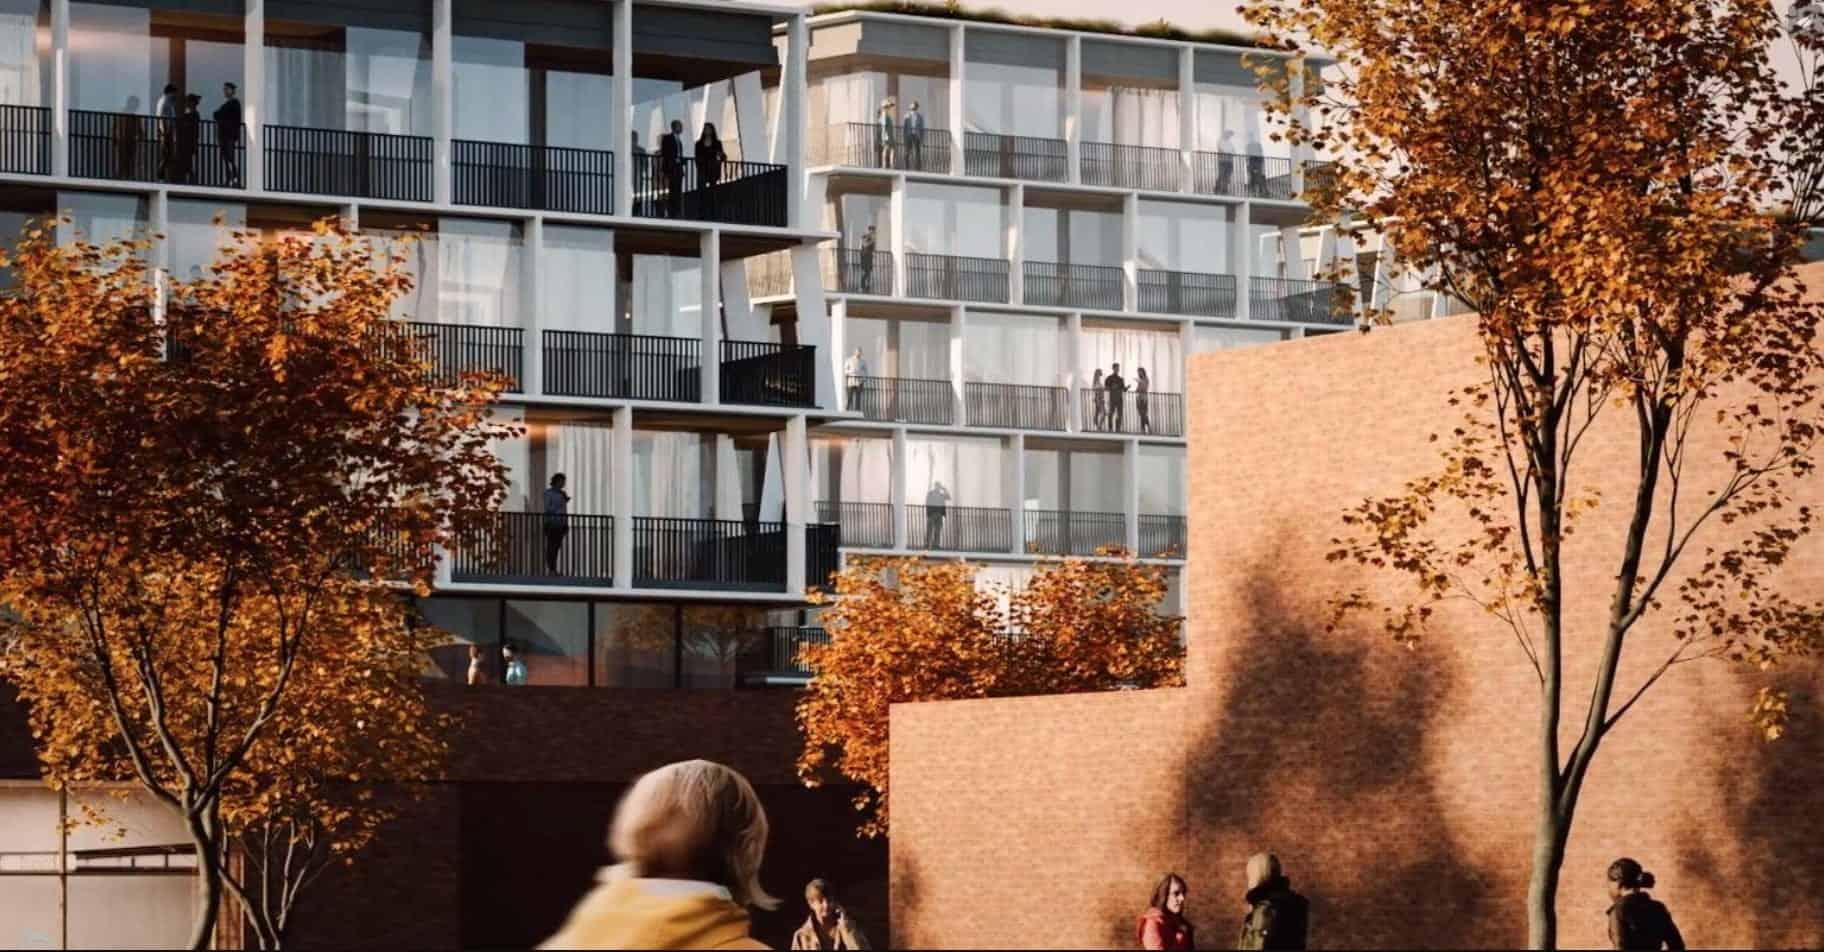 Waterfront Shores Condos Balconies Exterior Building True Condos